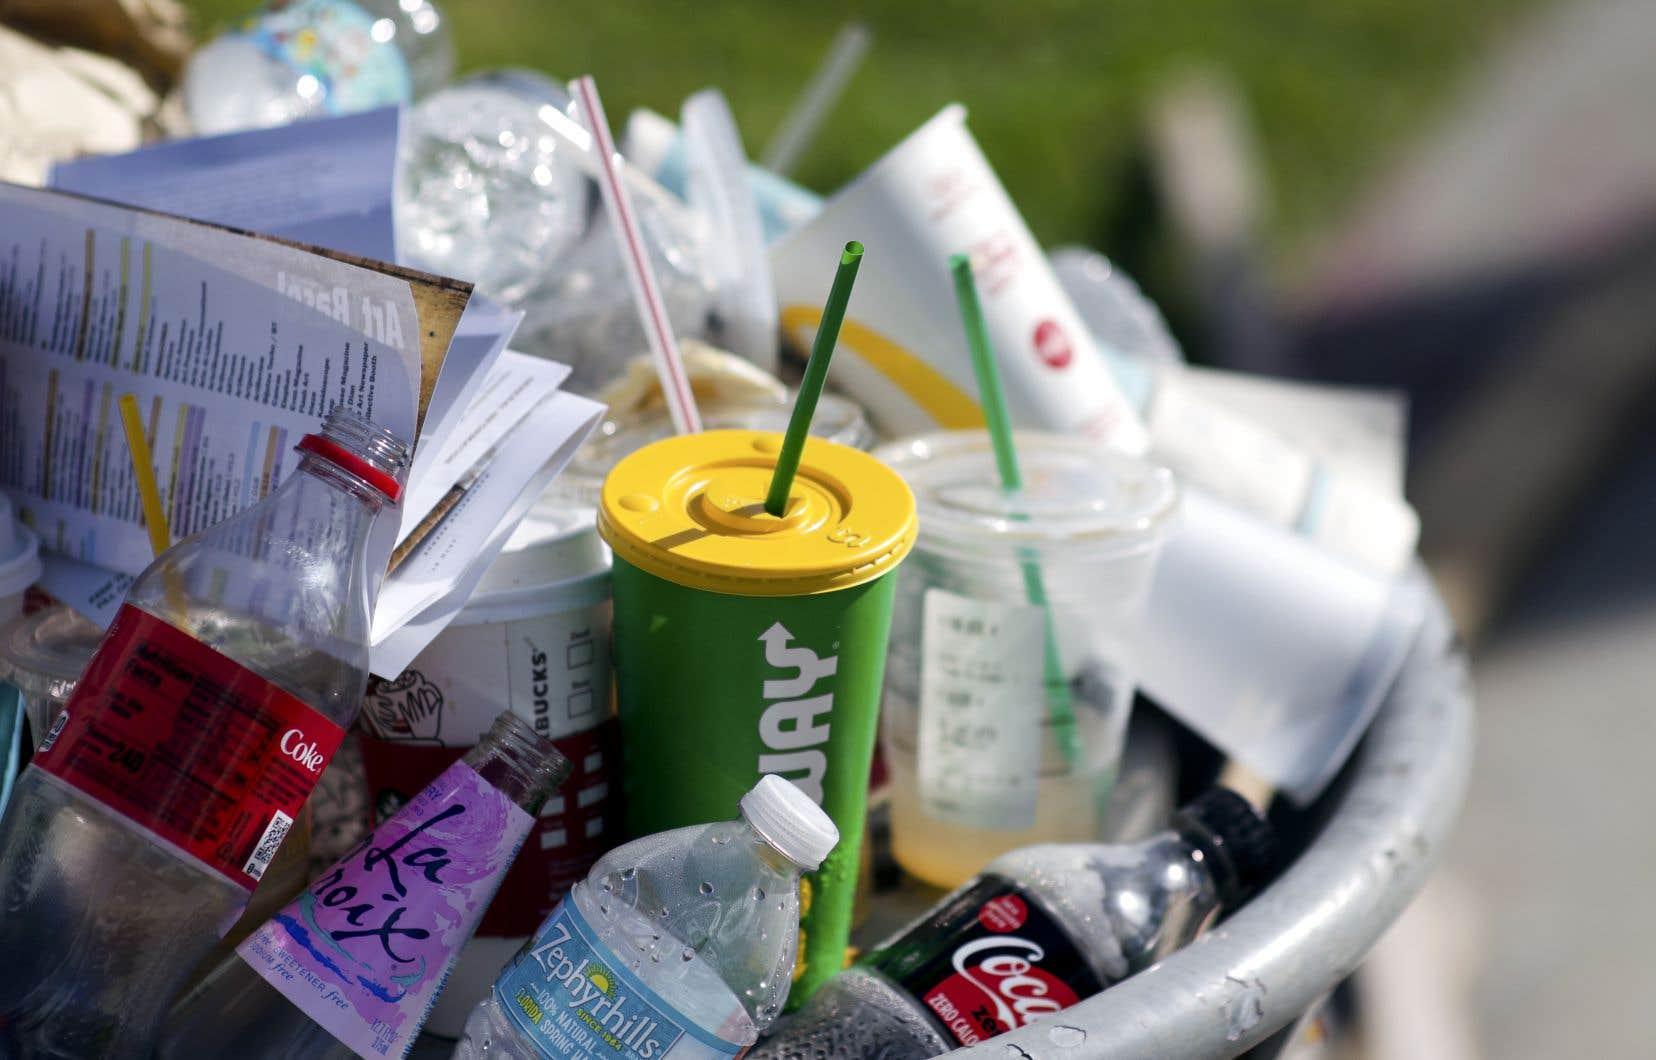 L'UE a déjà annoncé en 2018 son intention de bannir de son territoire, d'ici 2021, les plastiques jetables que sont les gobelets, couvercles, assiettes, ustensiles, bâtonnets mélangeurs, pailles et autres objets, sitôt utilisés, sitôt jetés.